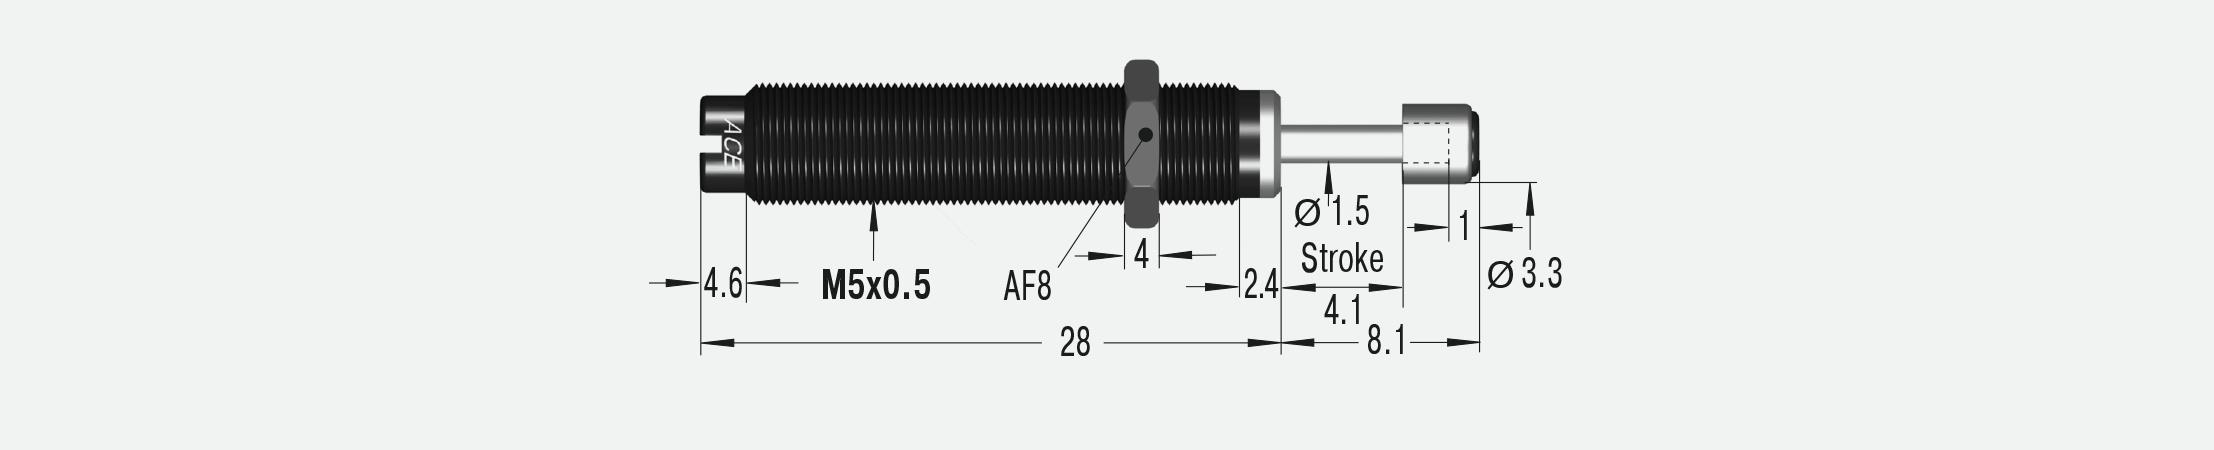 MC5EUM-1-B